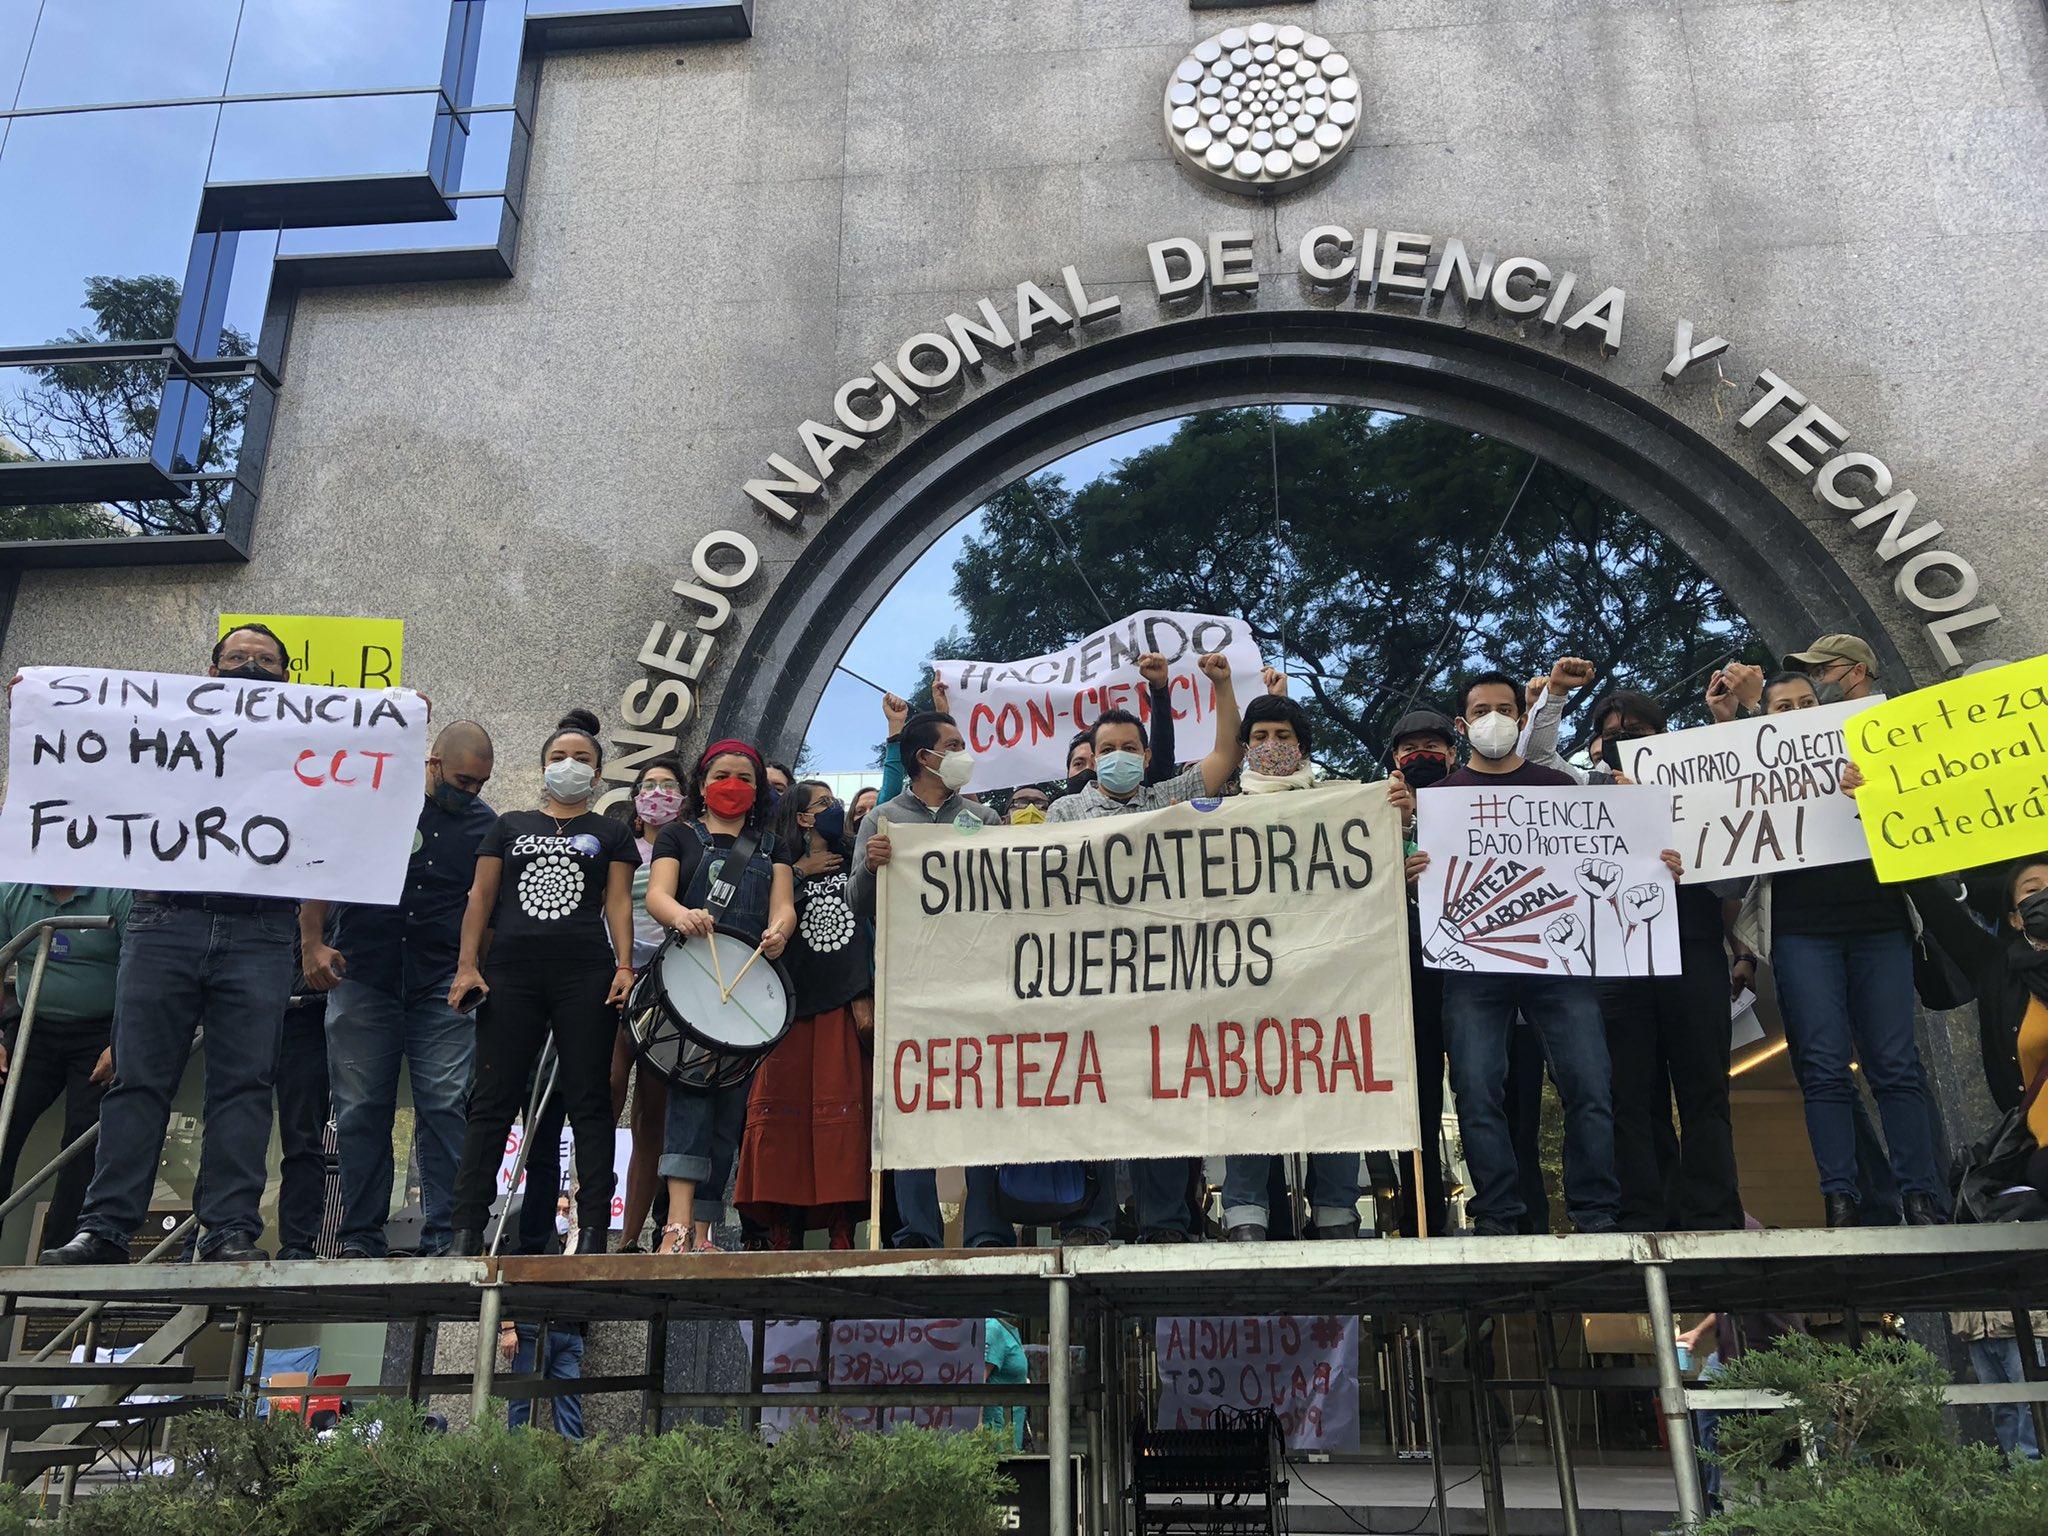 Investigadores de Conacyt exigen garantías laborales y derecho a huelga